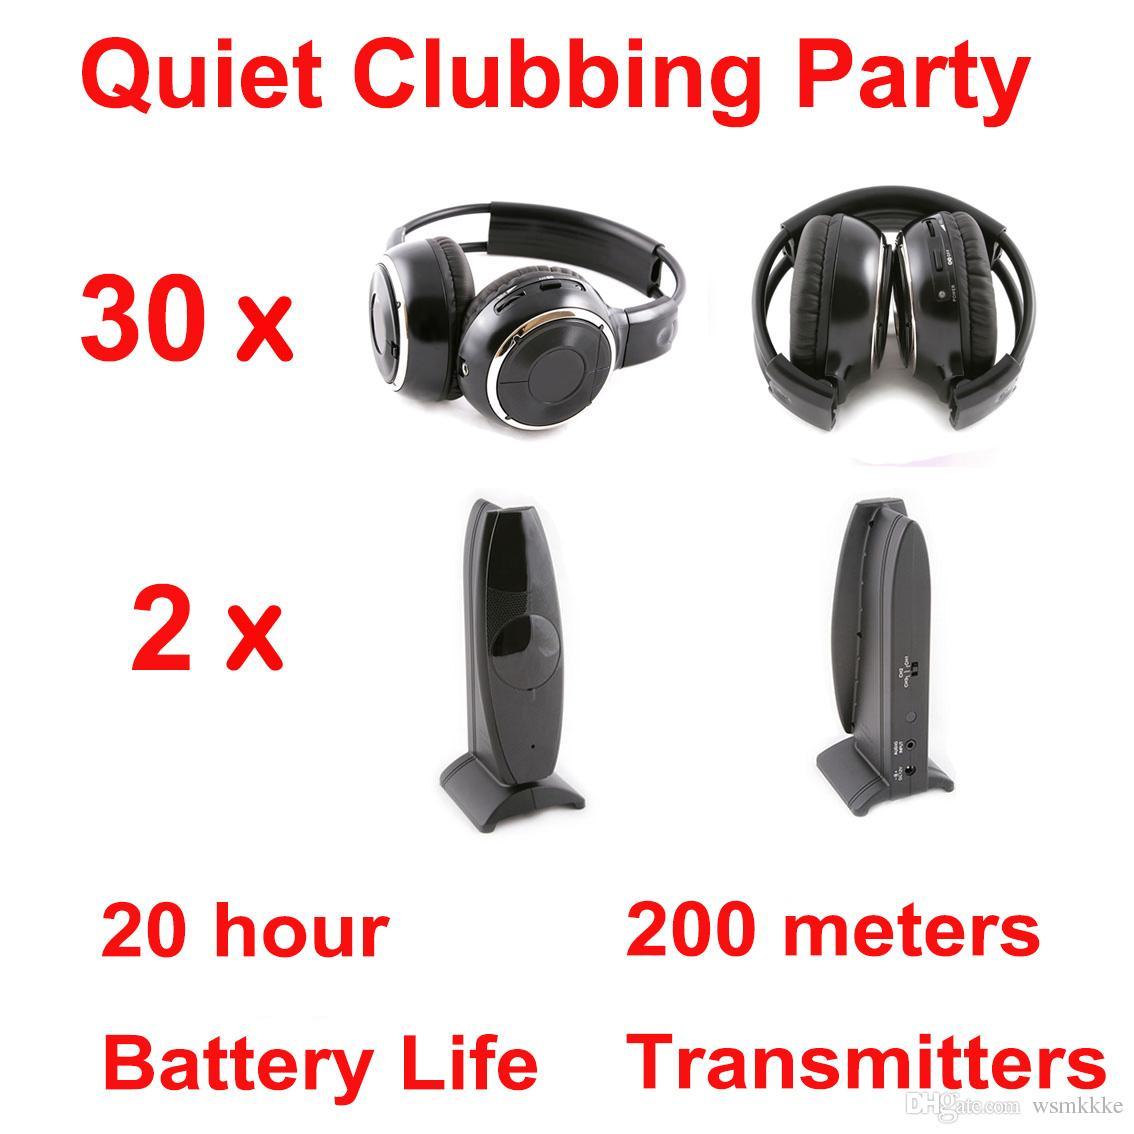 Professionelle Silent Disco Kopfhörer zwei Kanäle 30 faltbare Kopfhörer 2 Sender - RF Wireless für iPod MP3 DJ Musik